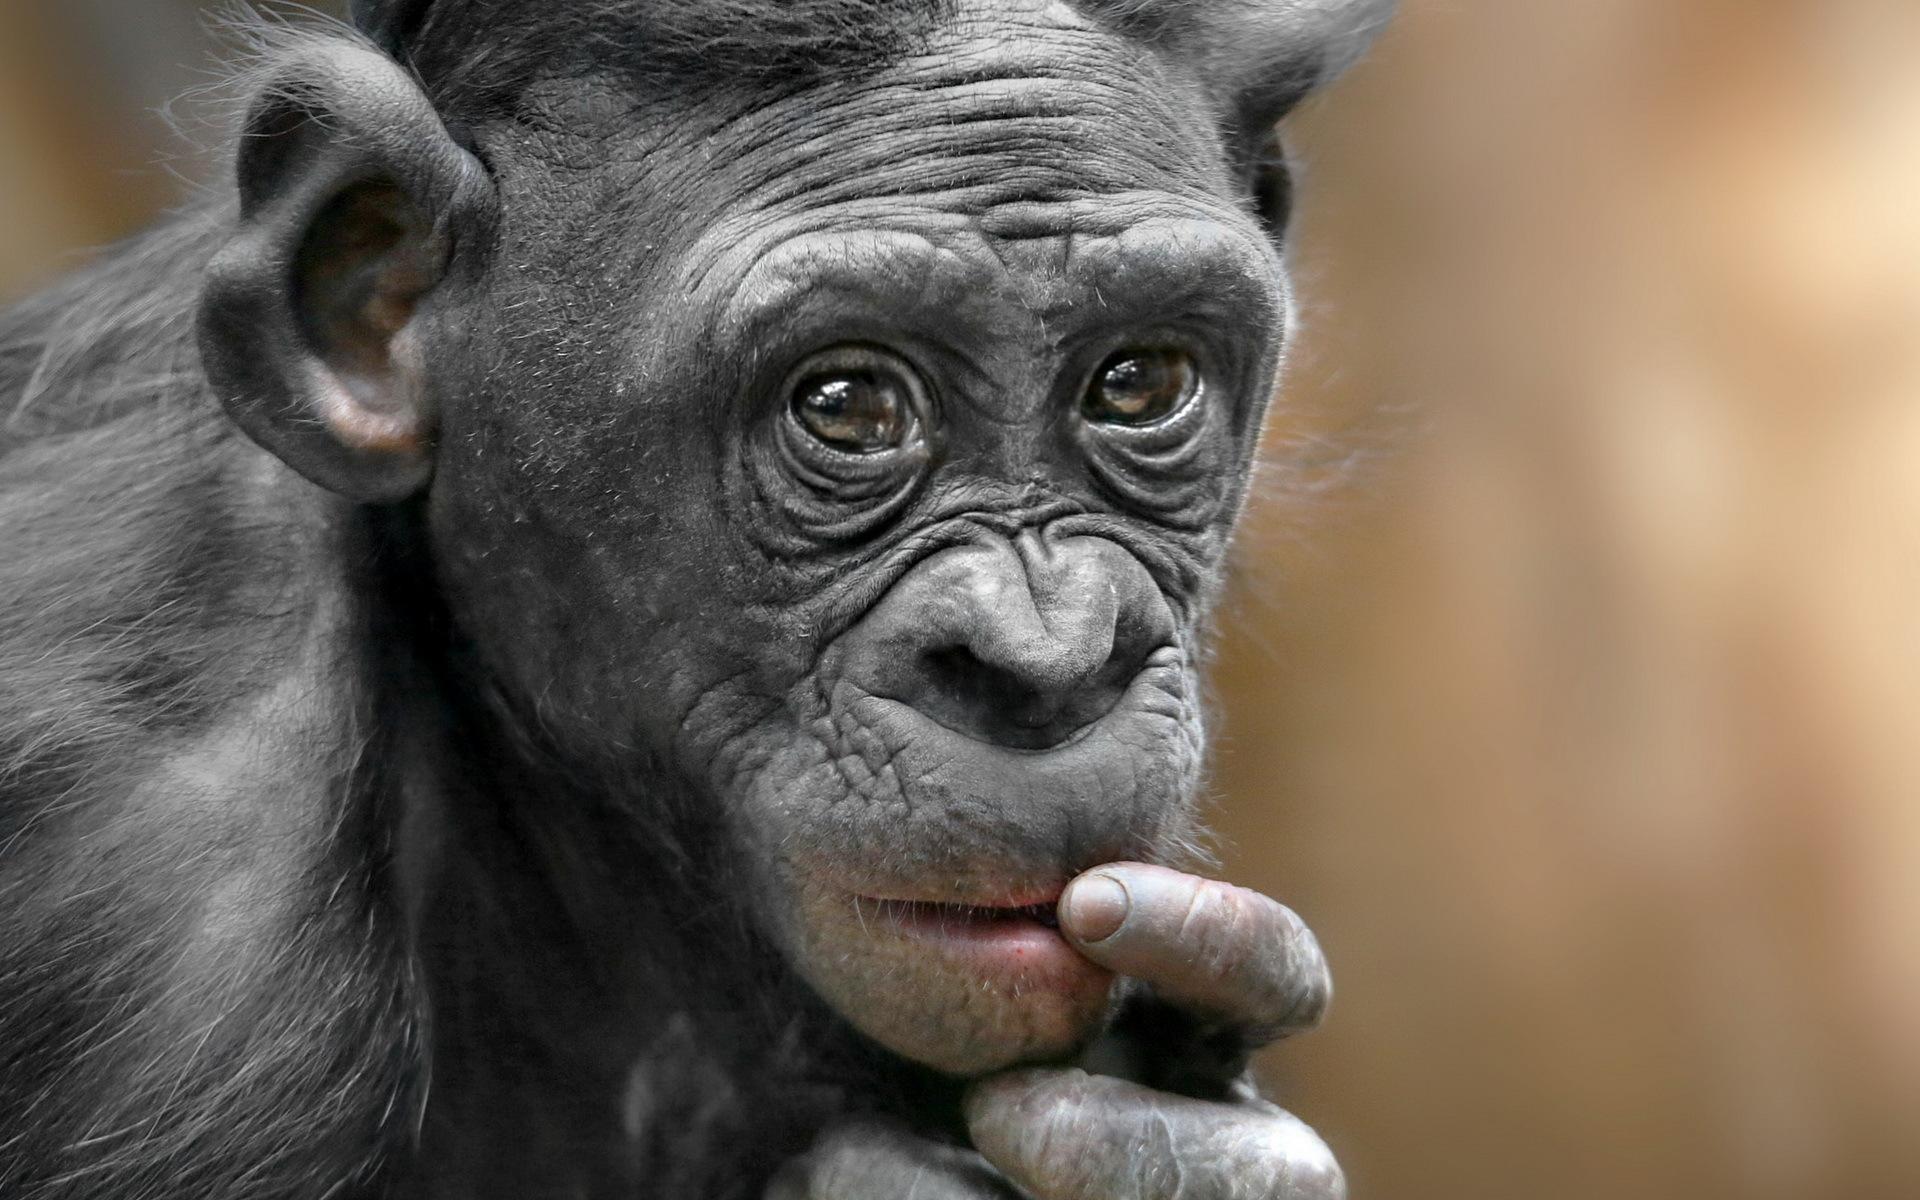 смешные обезьяны картинки фото отправился метро